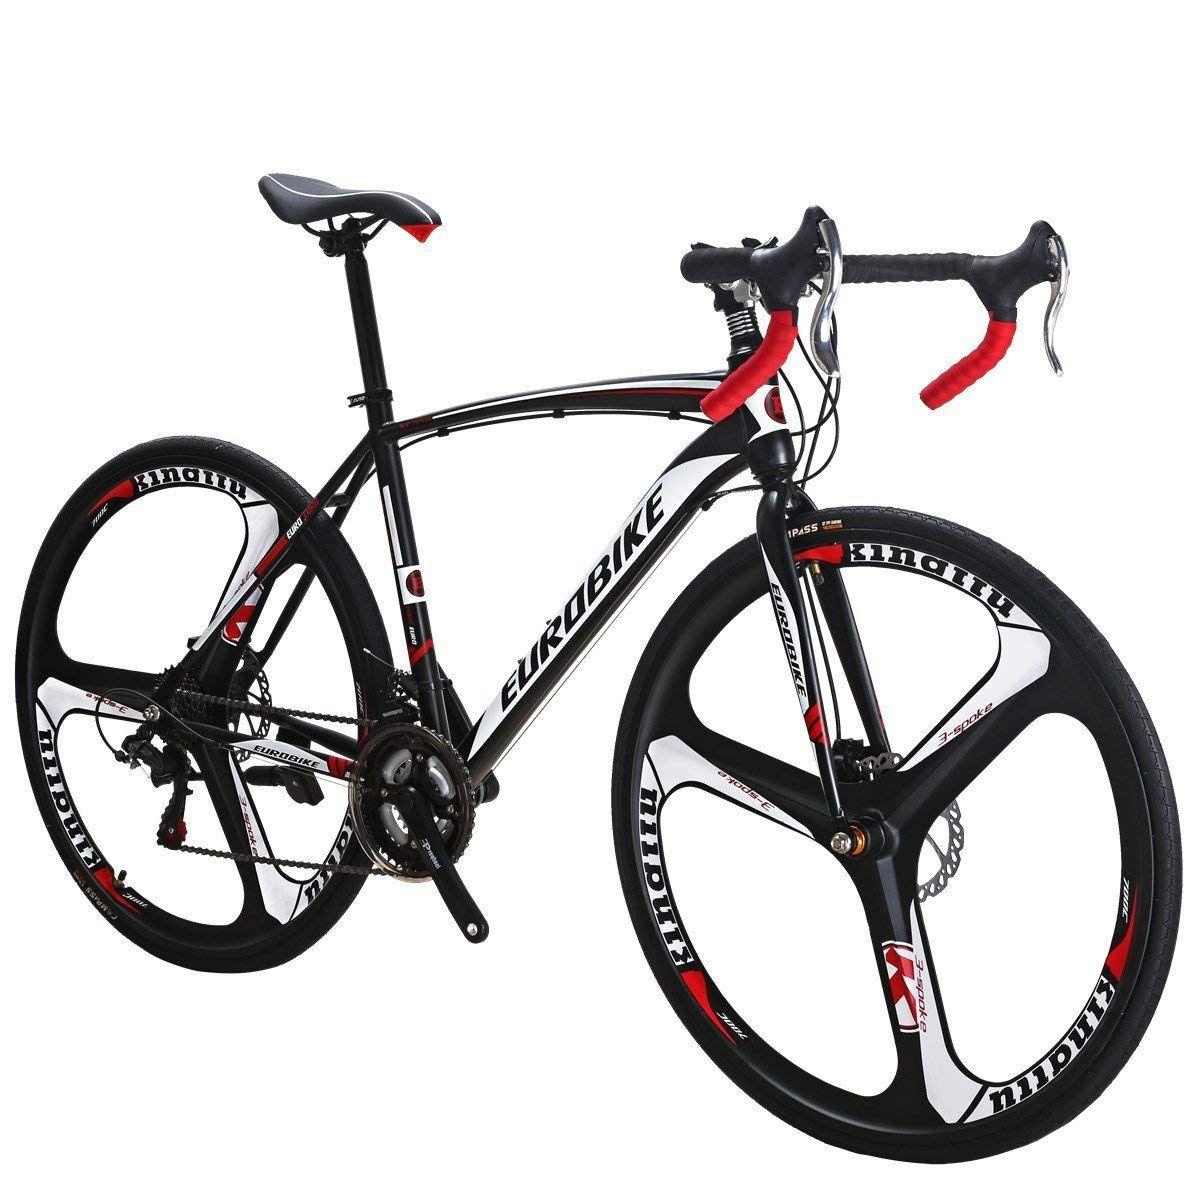 Eurobike Road Bike Xc550 Bike 21speed Gears Road Bicycle Dual Disc